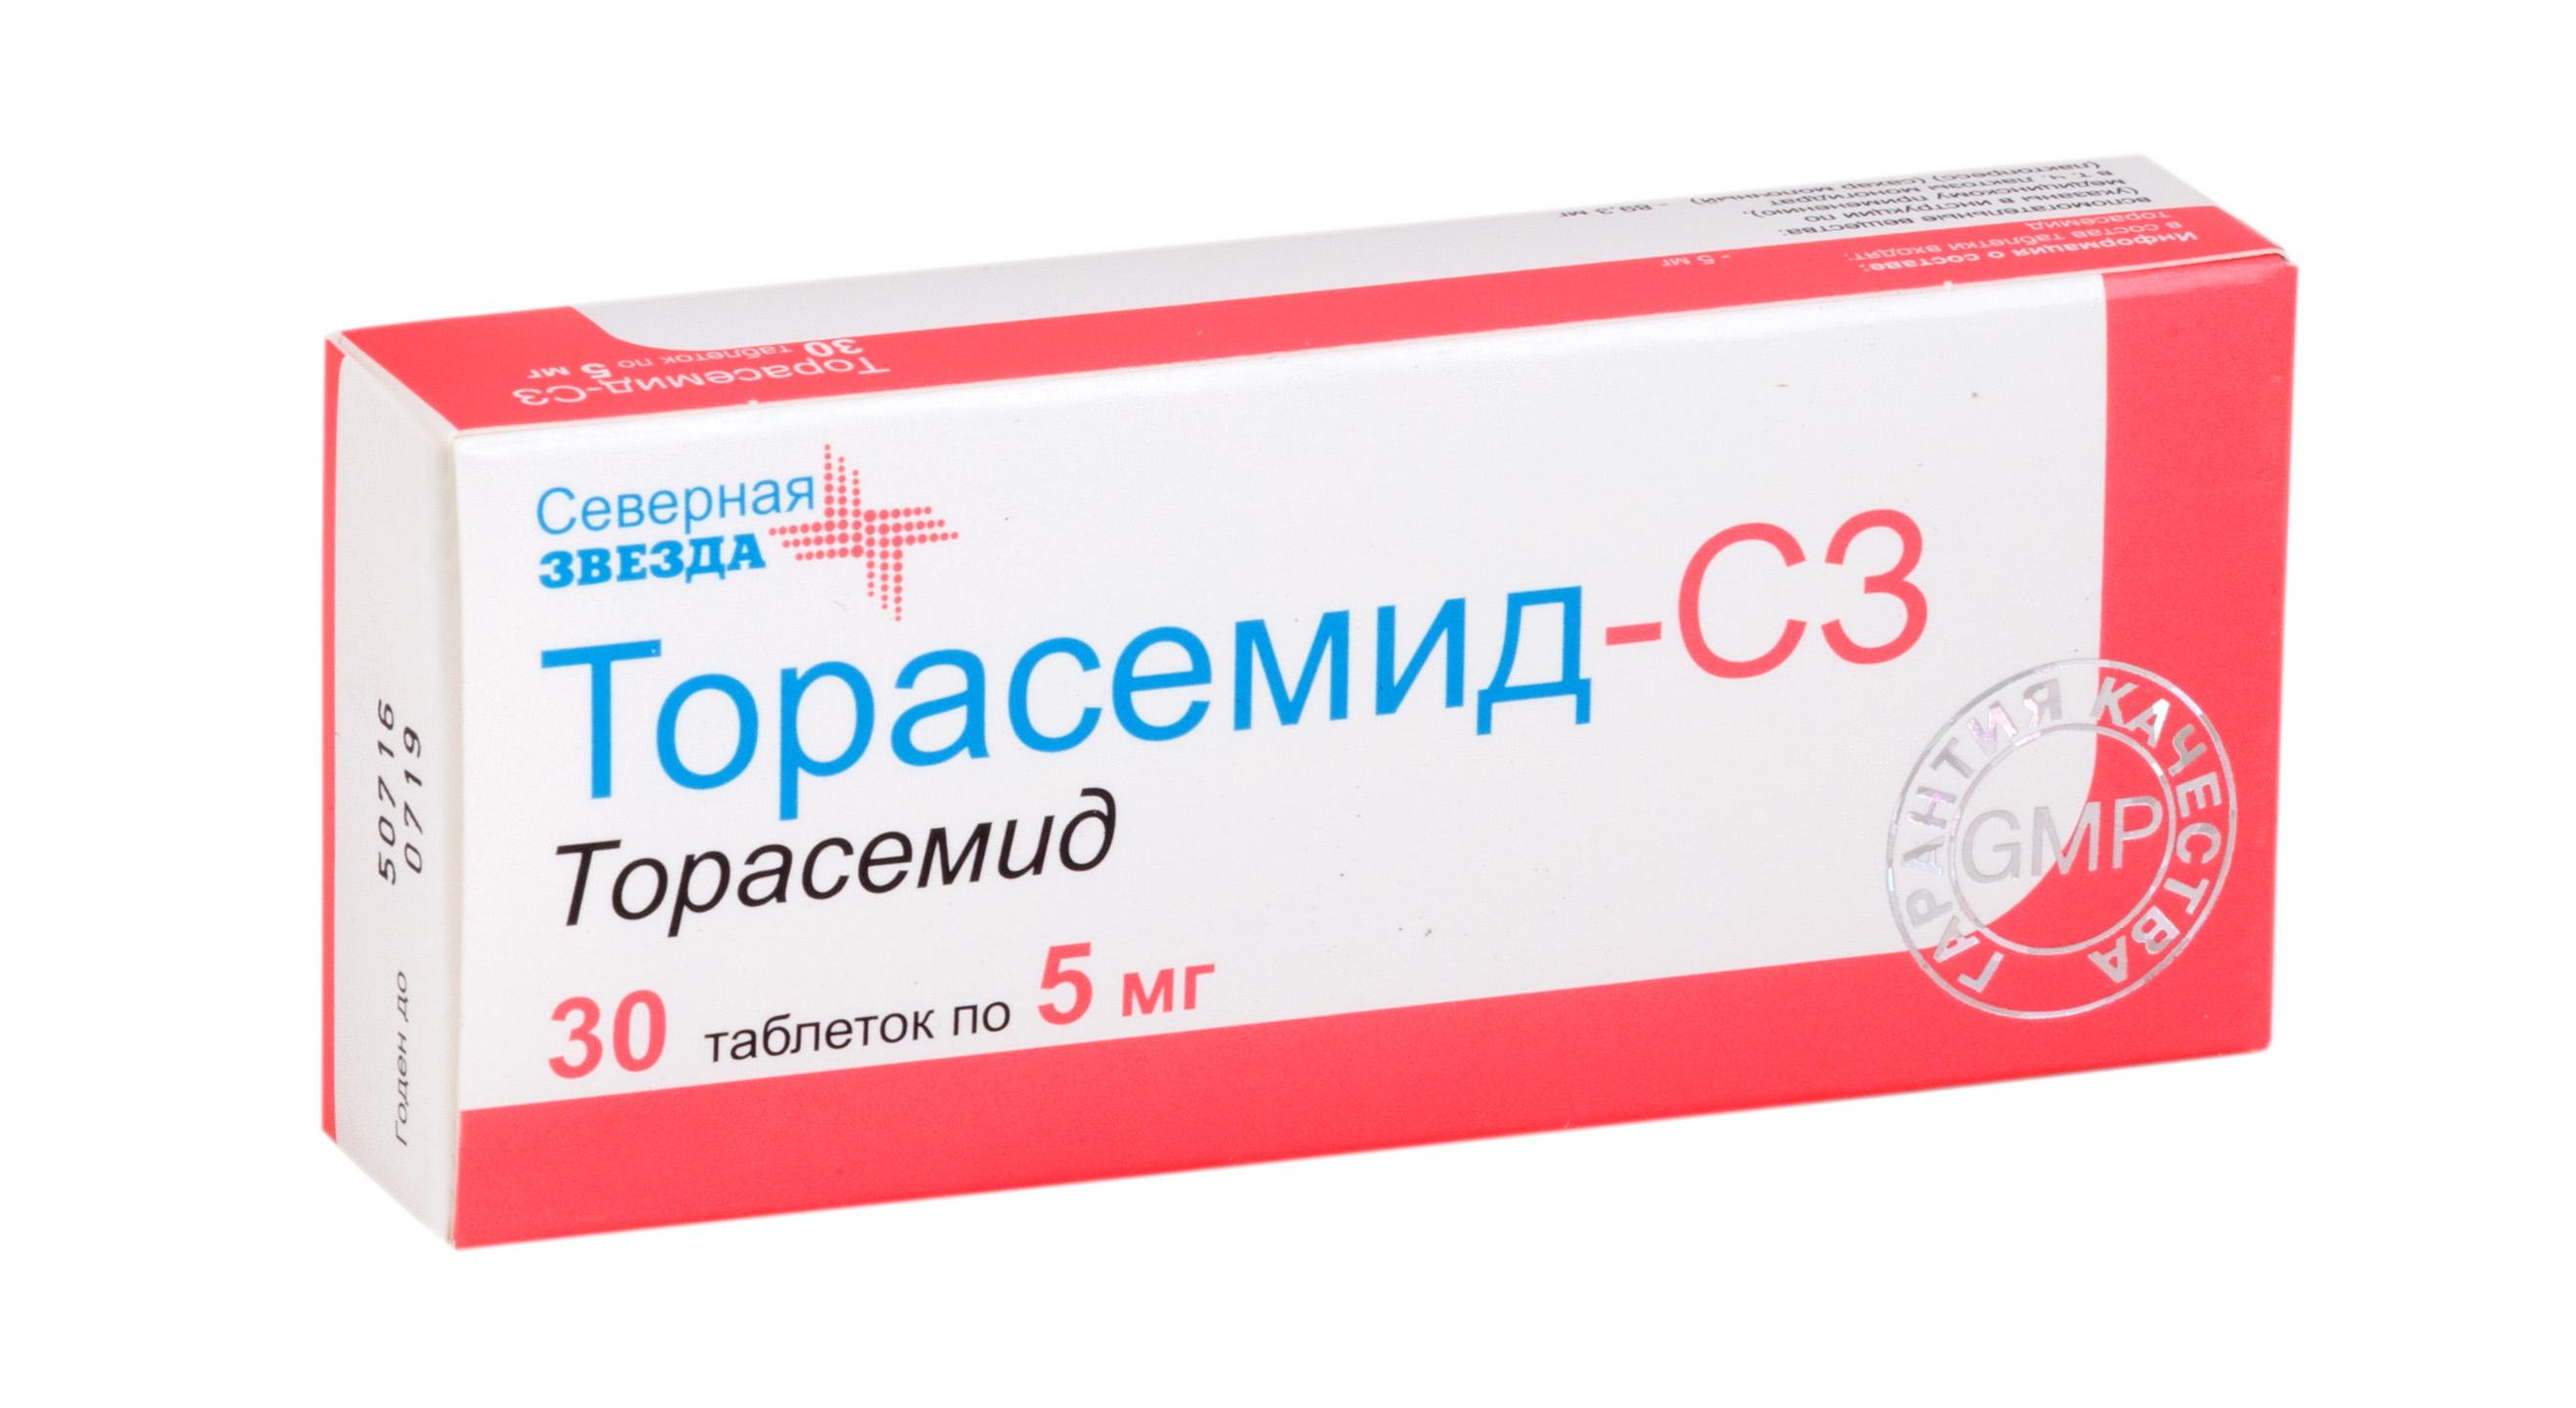 Торасемид-сз таб. 5мг n30